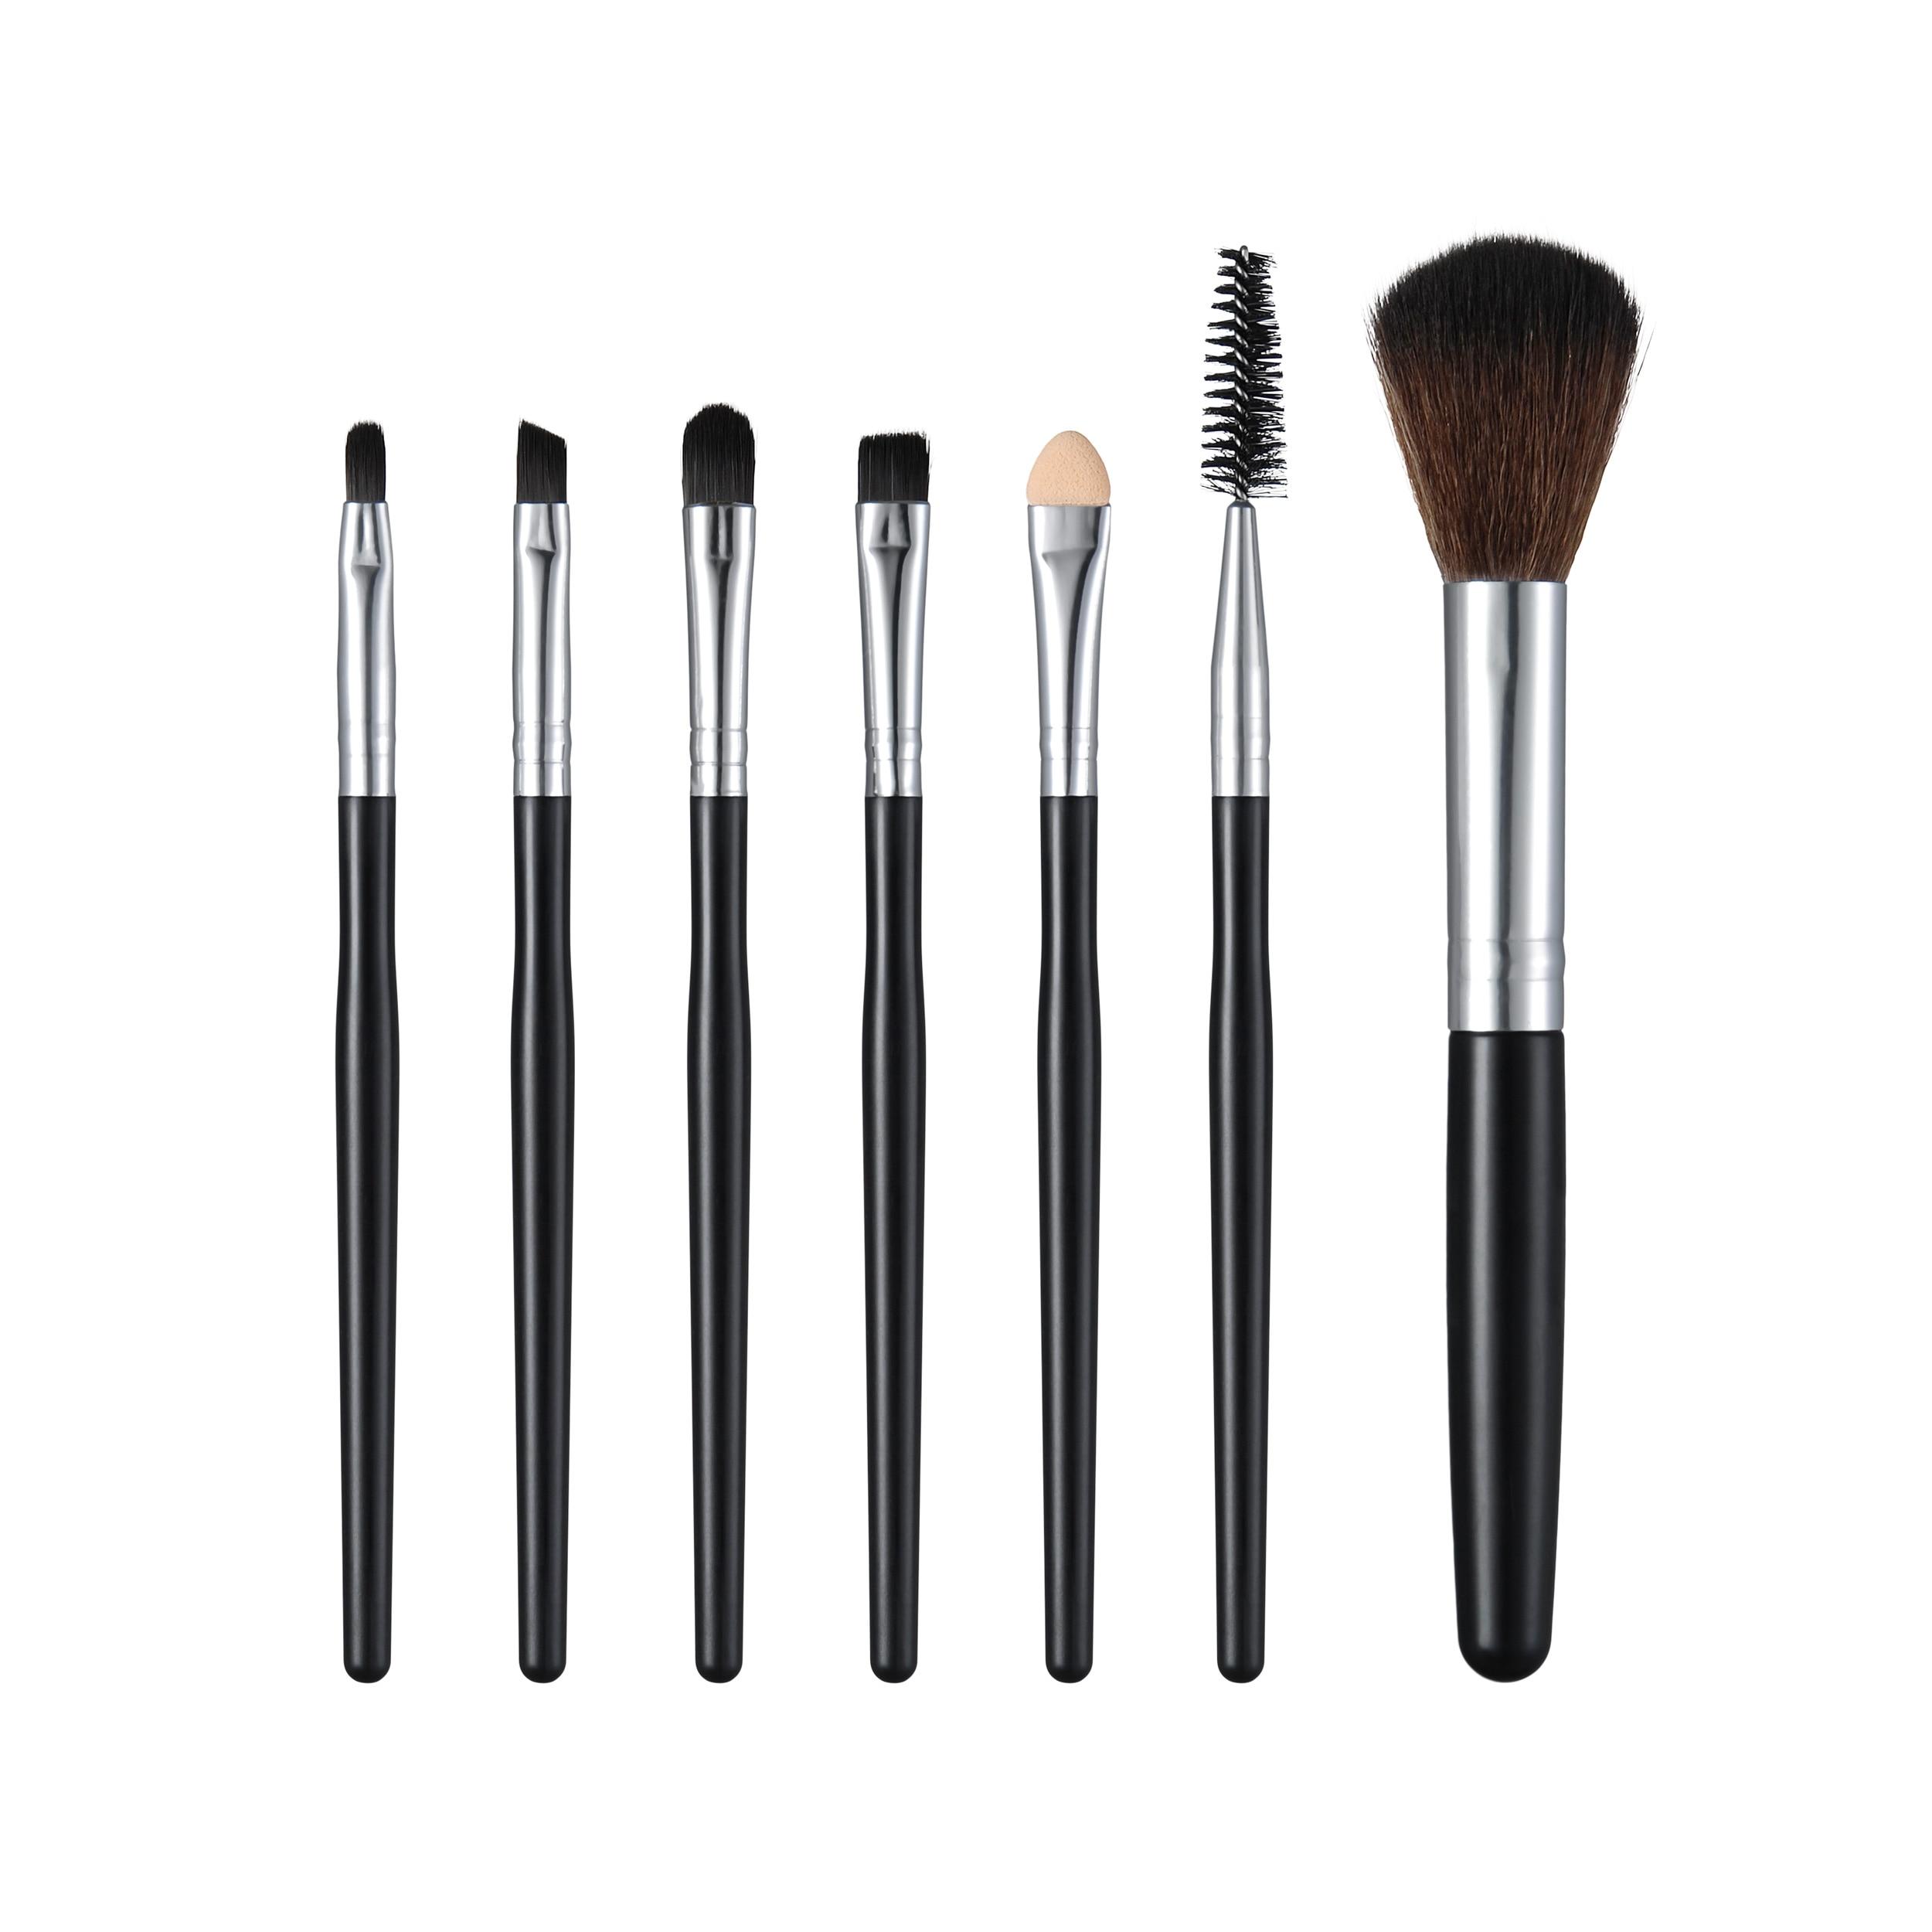 7pcs Mini Brush Beauty Makeup Brushes Premium Professional Eyeshadow Brush Set Synthetic Cosmtics Brushes Set